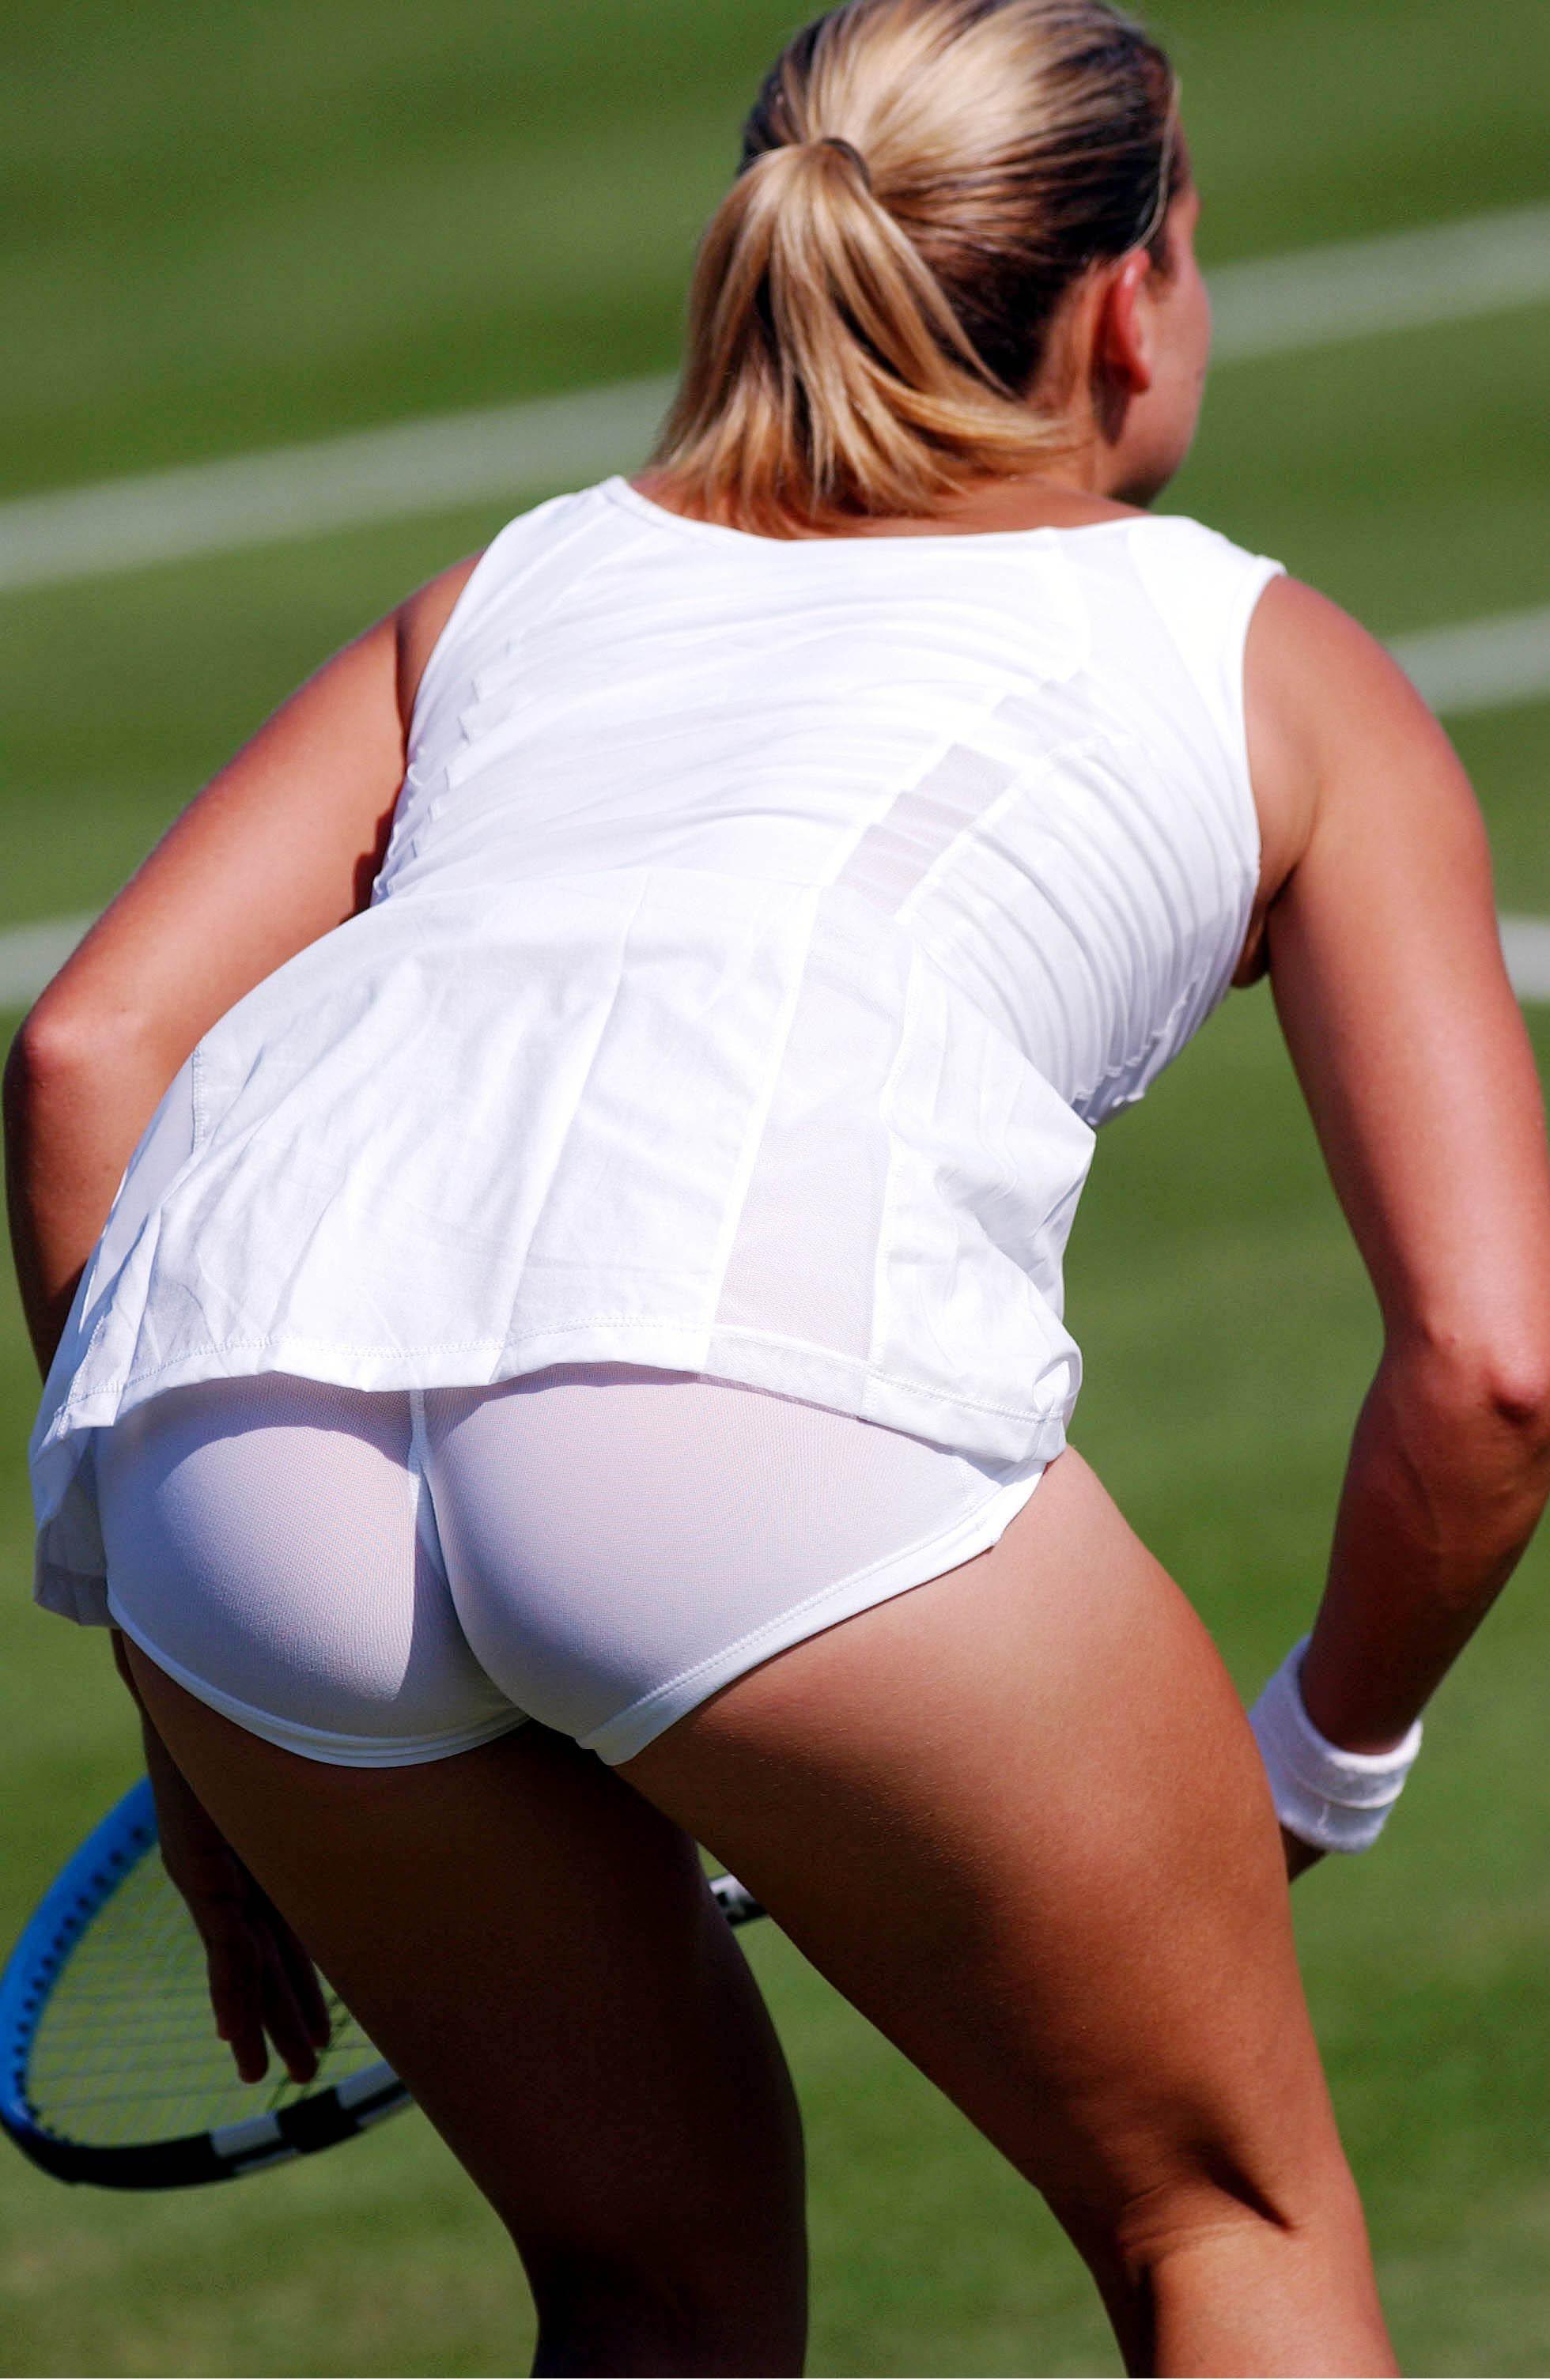 Сексуальные картинки теннисисток 11 фотография